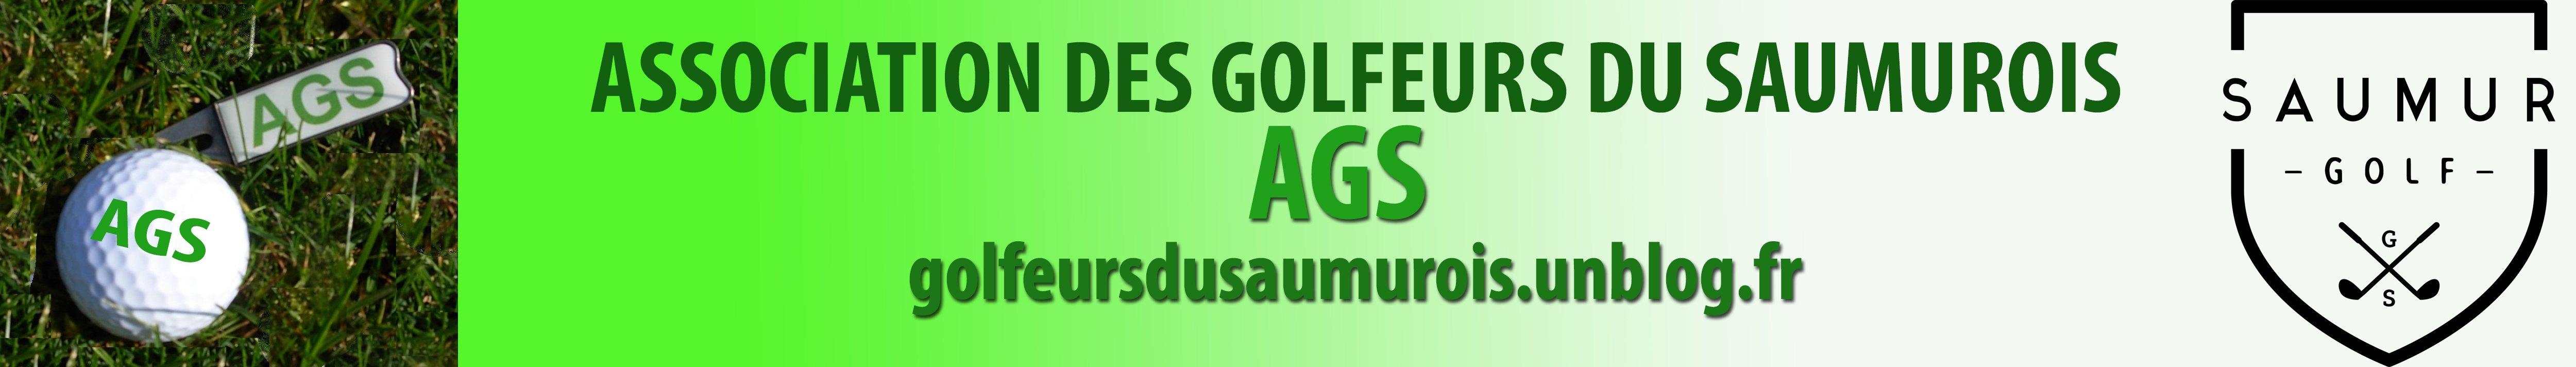 Golfeursdusaumurois